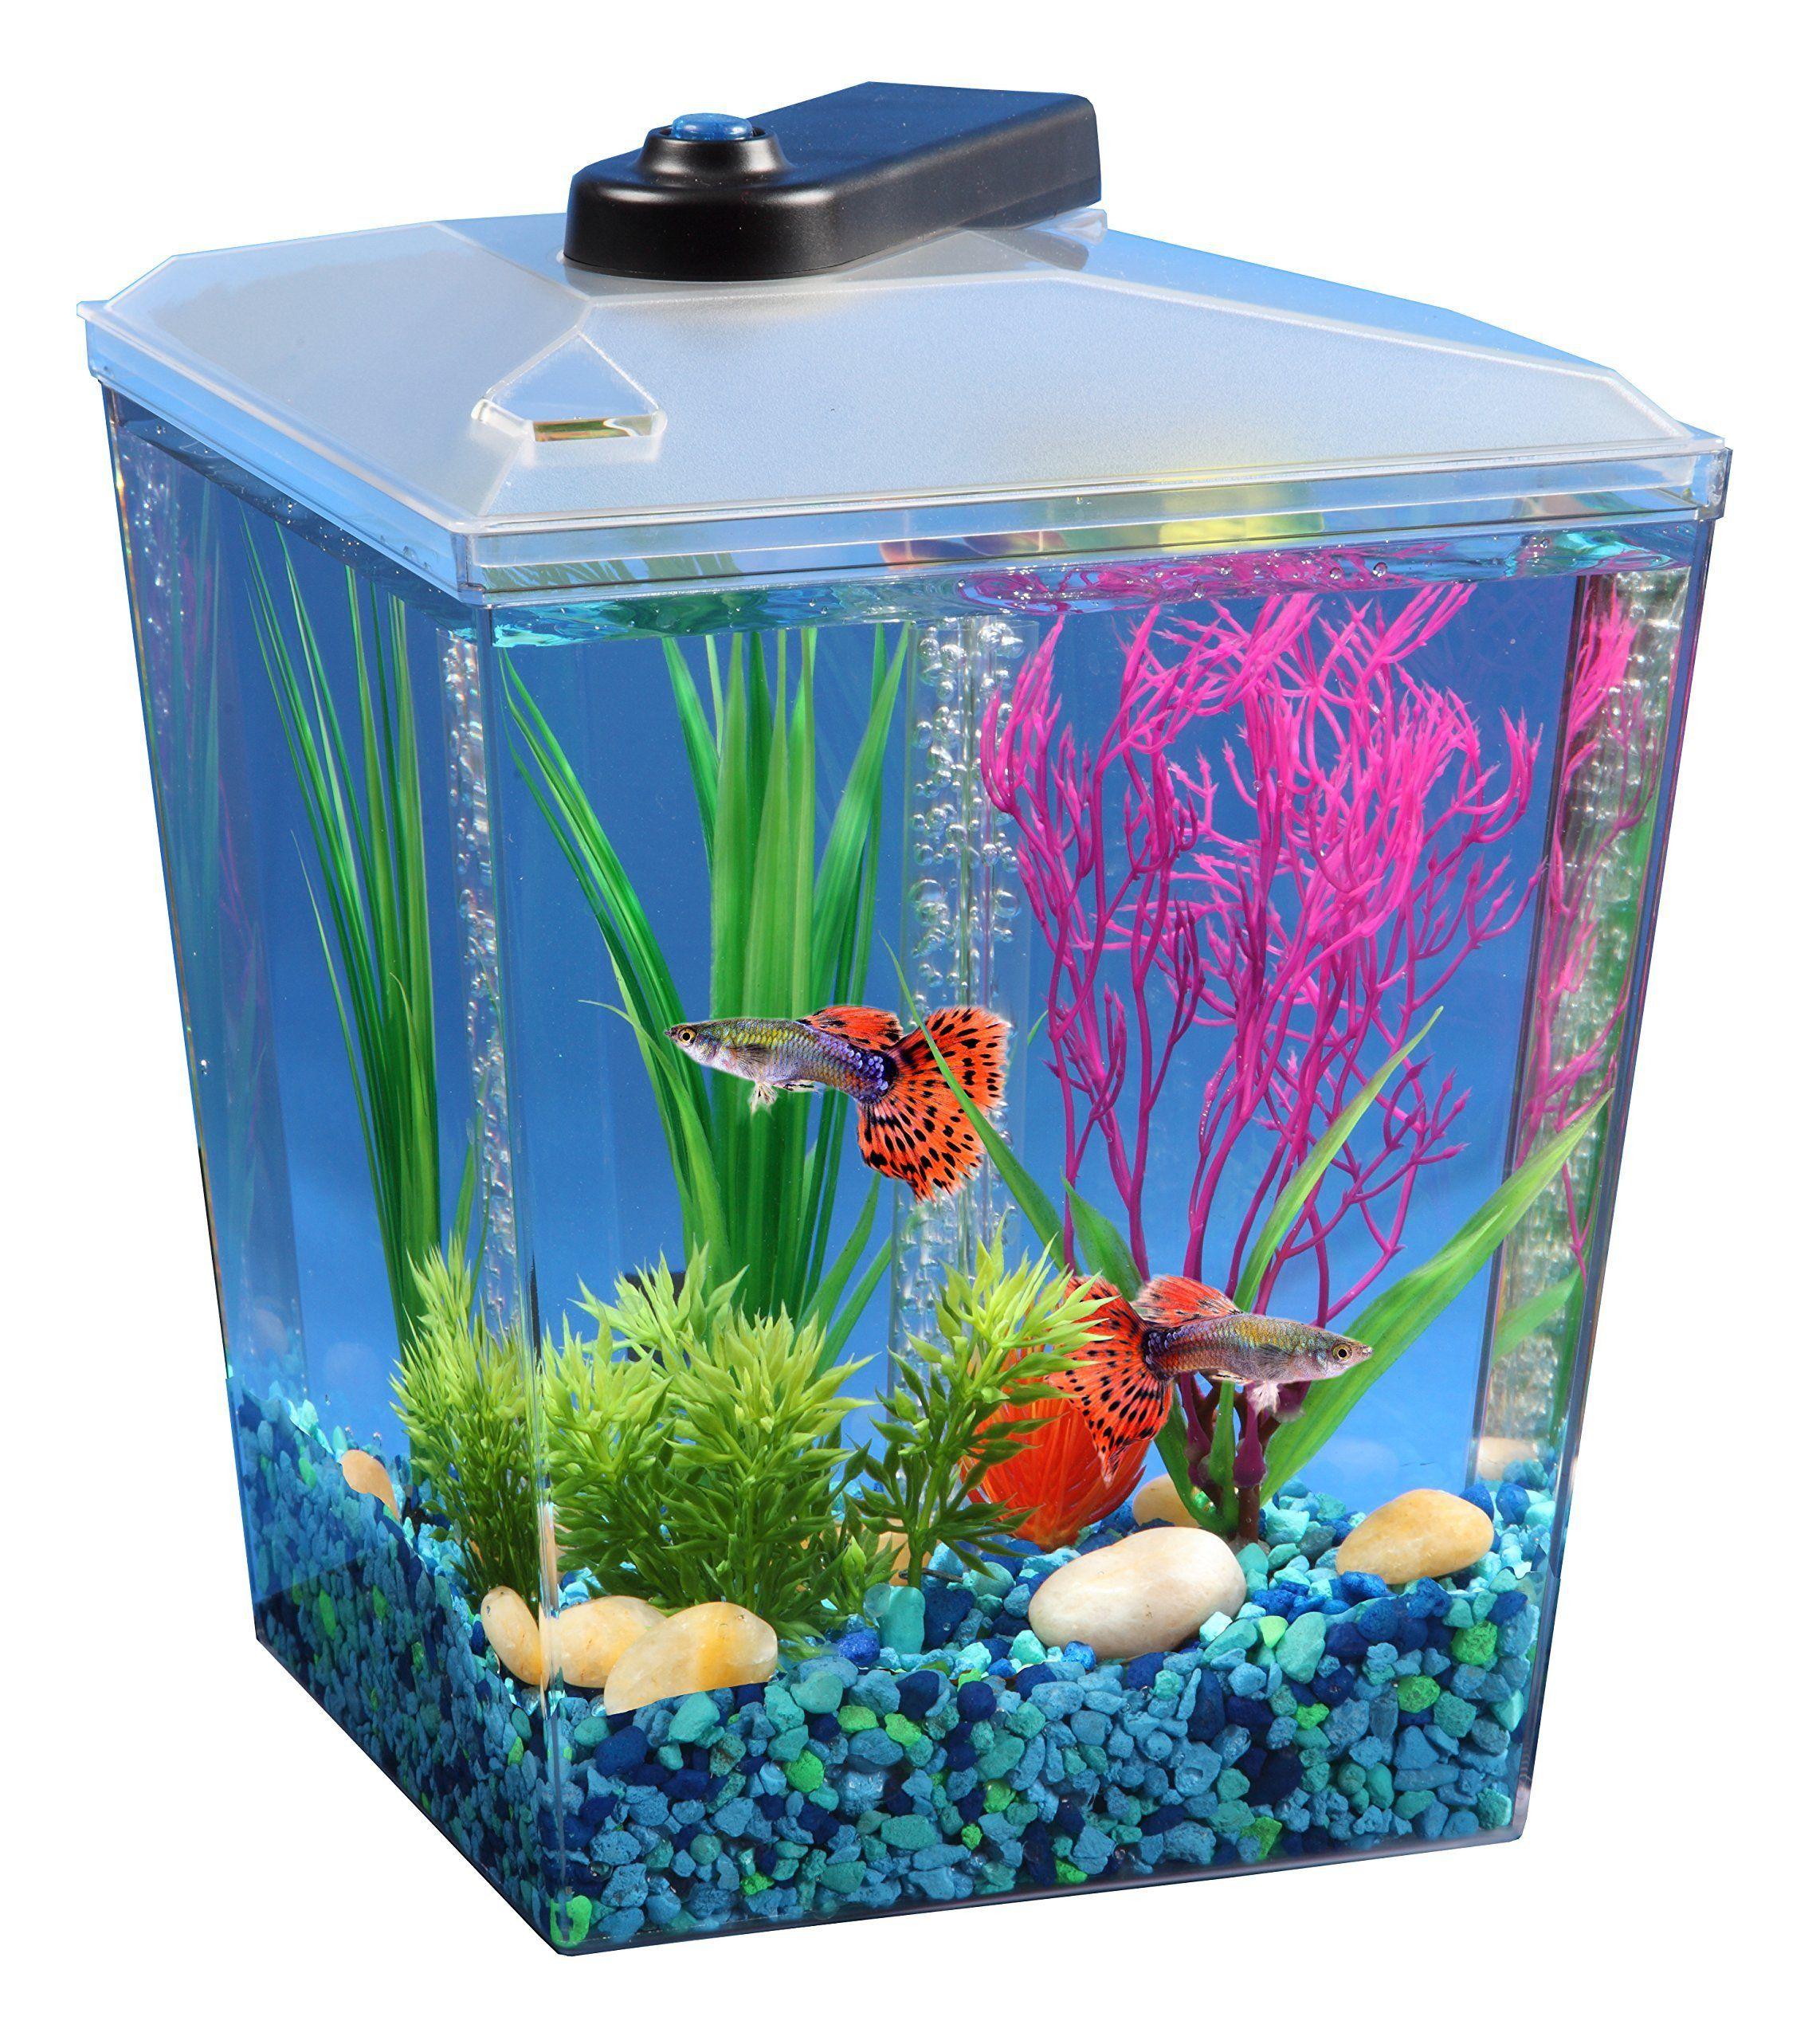 Api 1 Gallon Corner View Fish Aquarium With Under Gravel